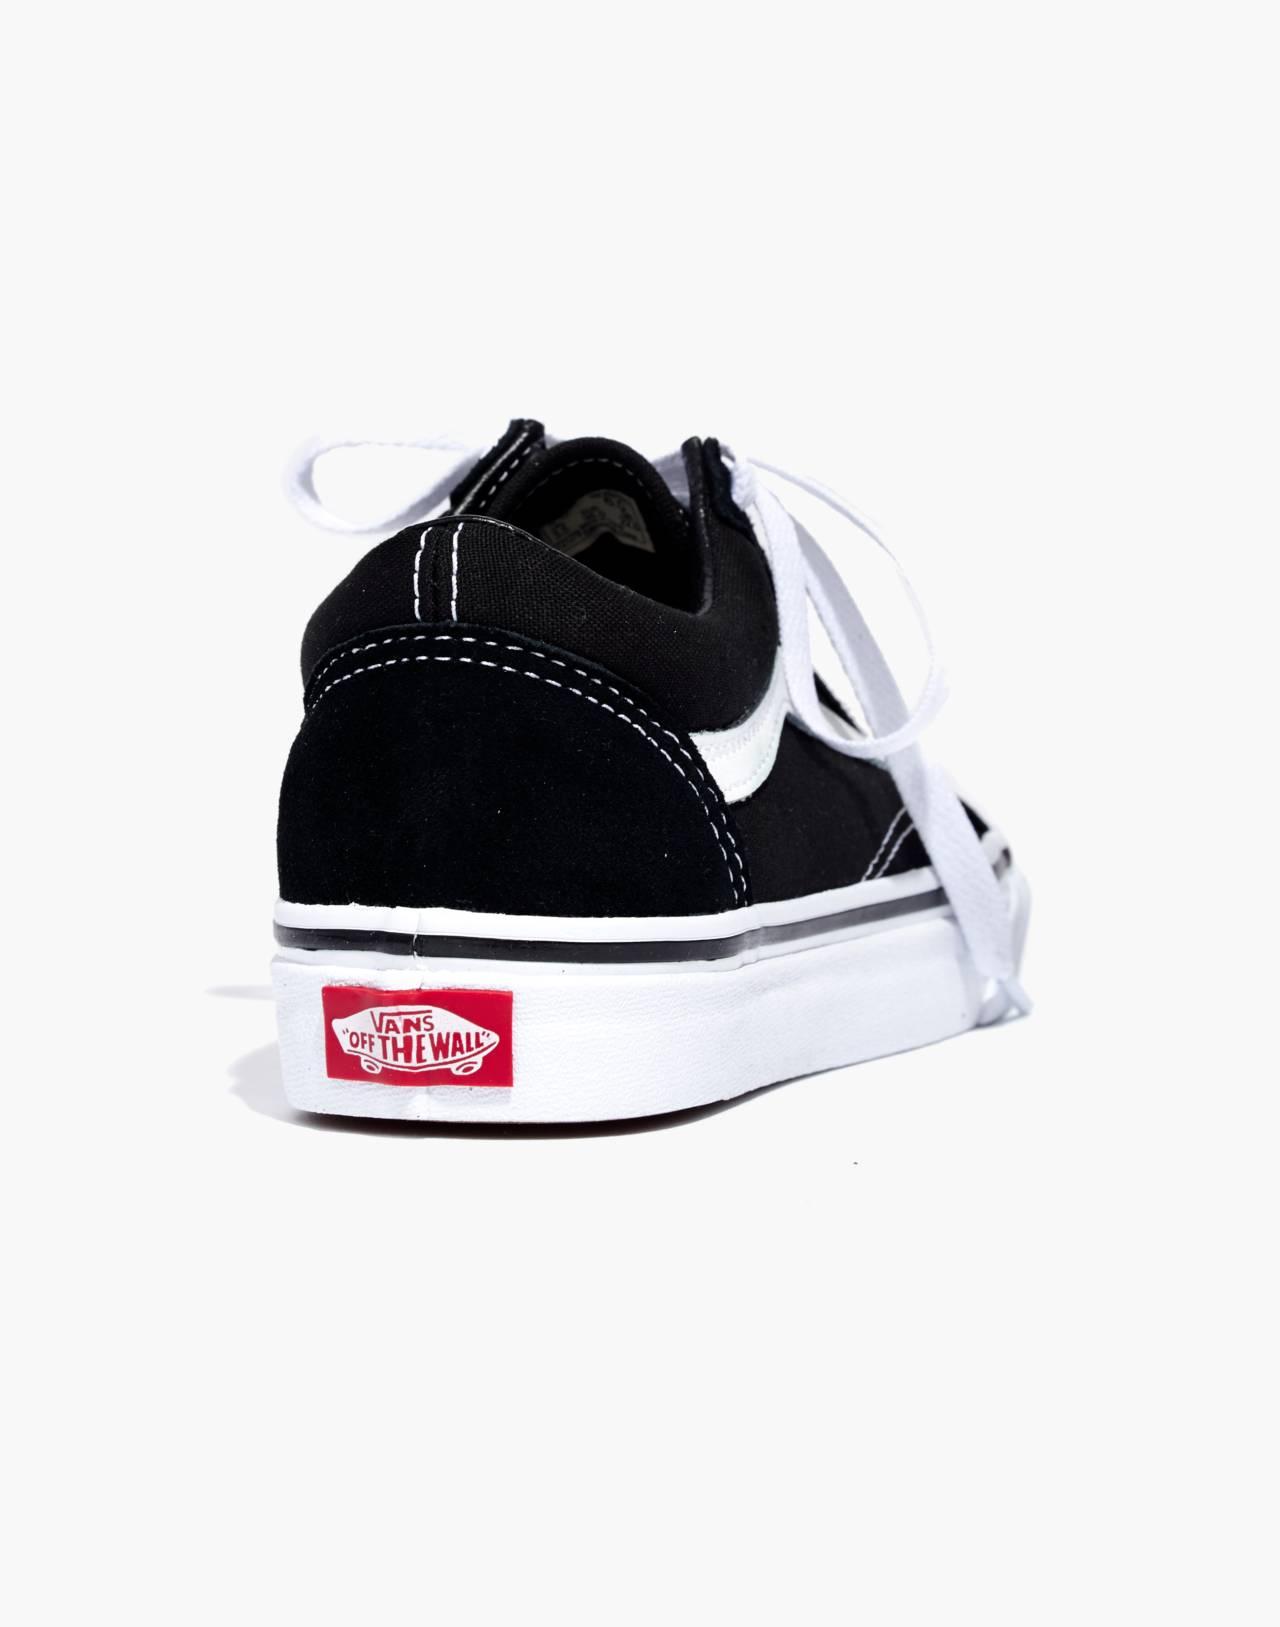 Vans® Unisex Old Skool Lace-Up Sneakers in true black image 4